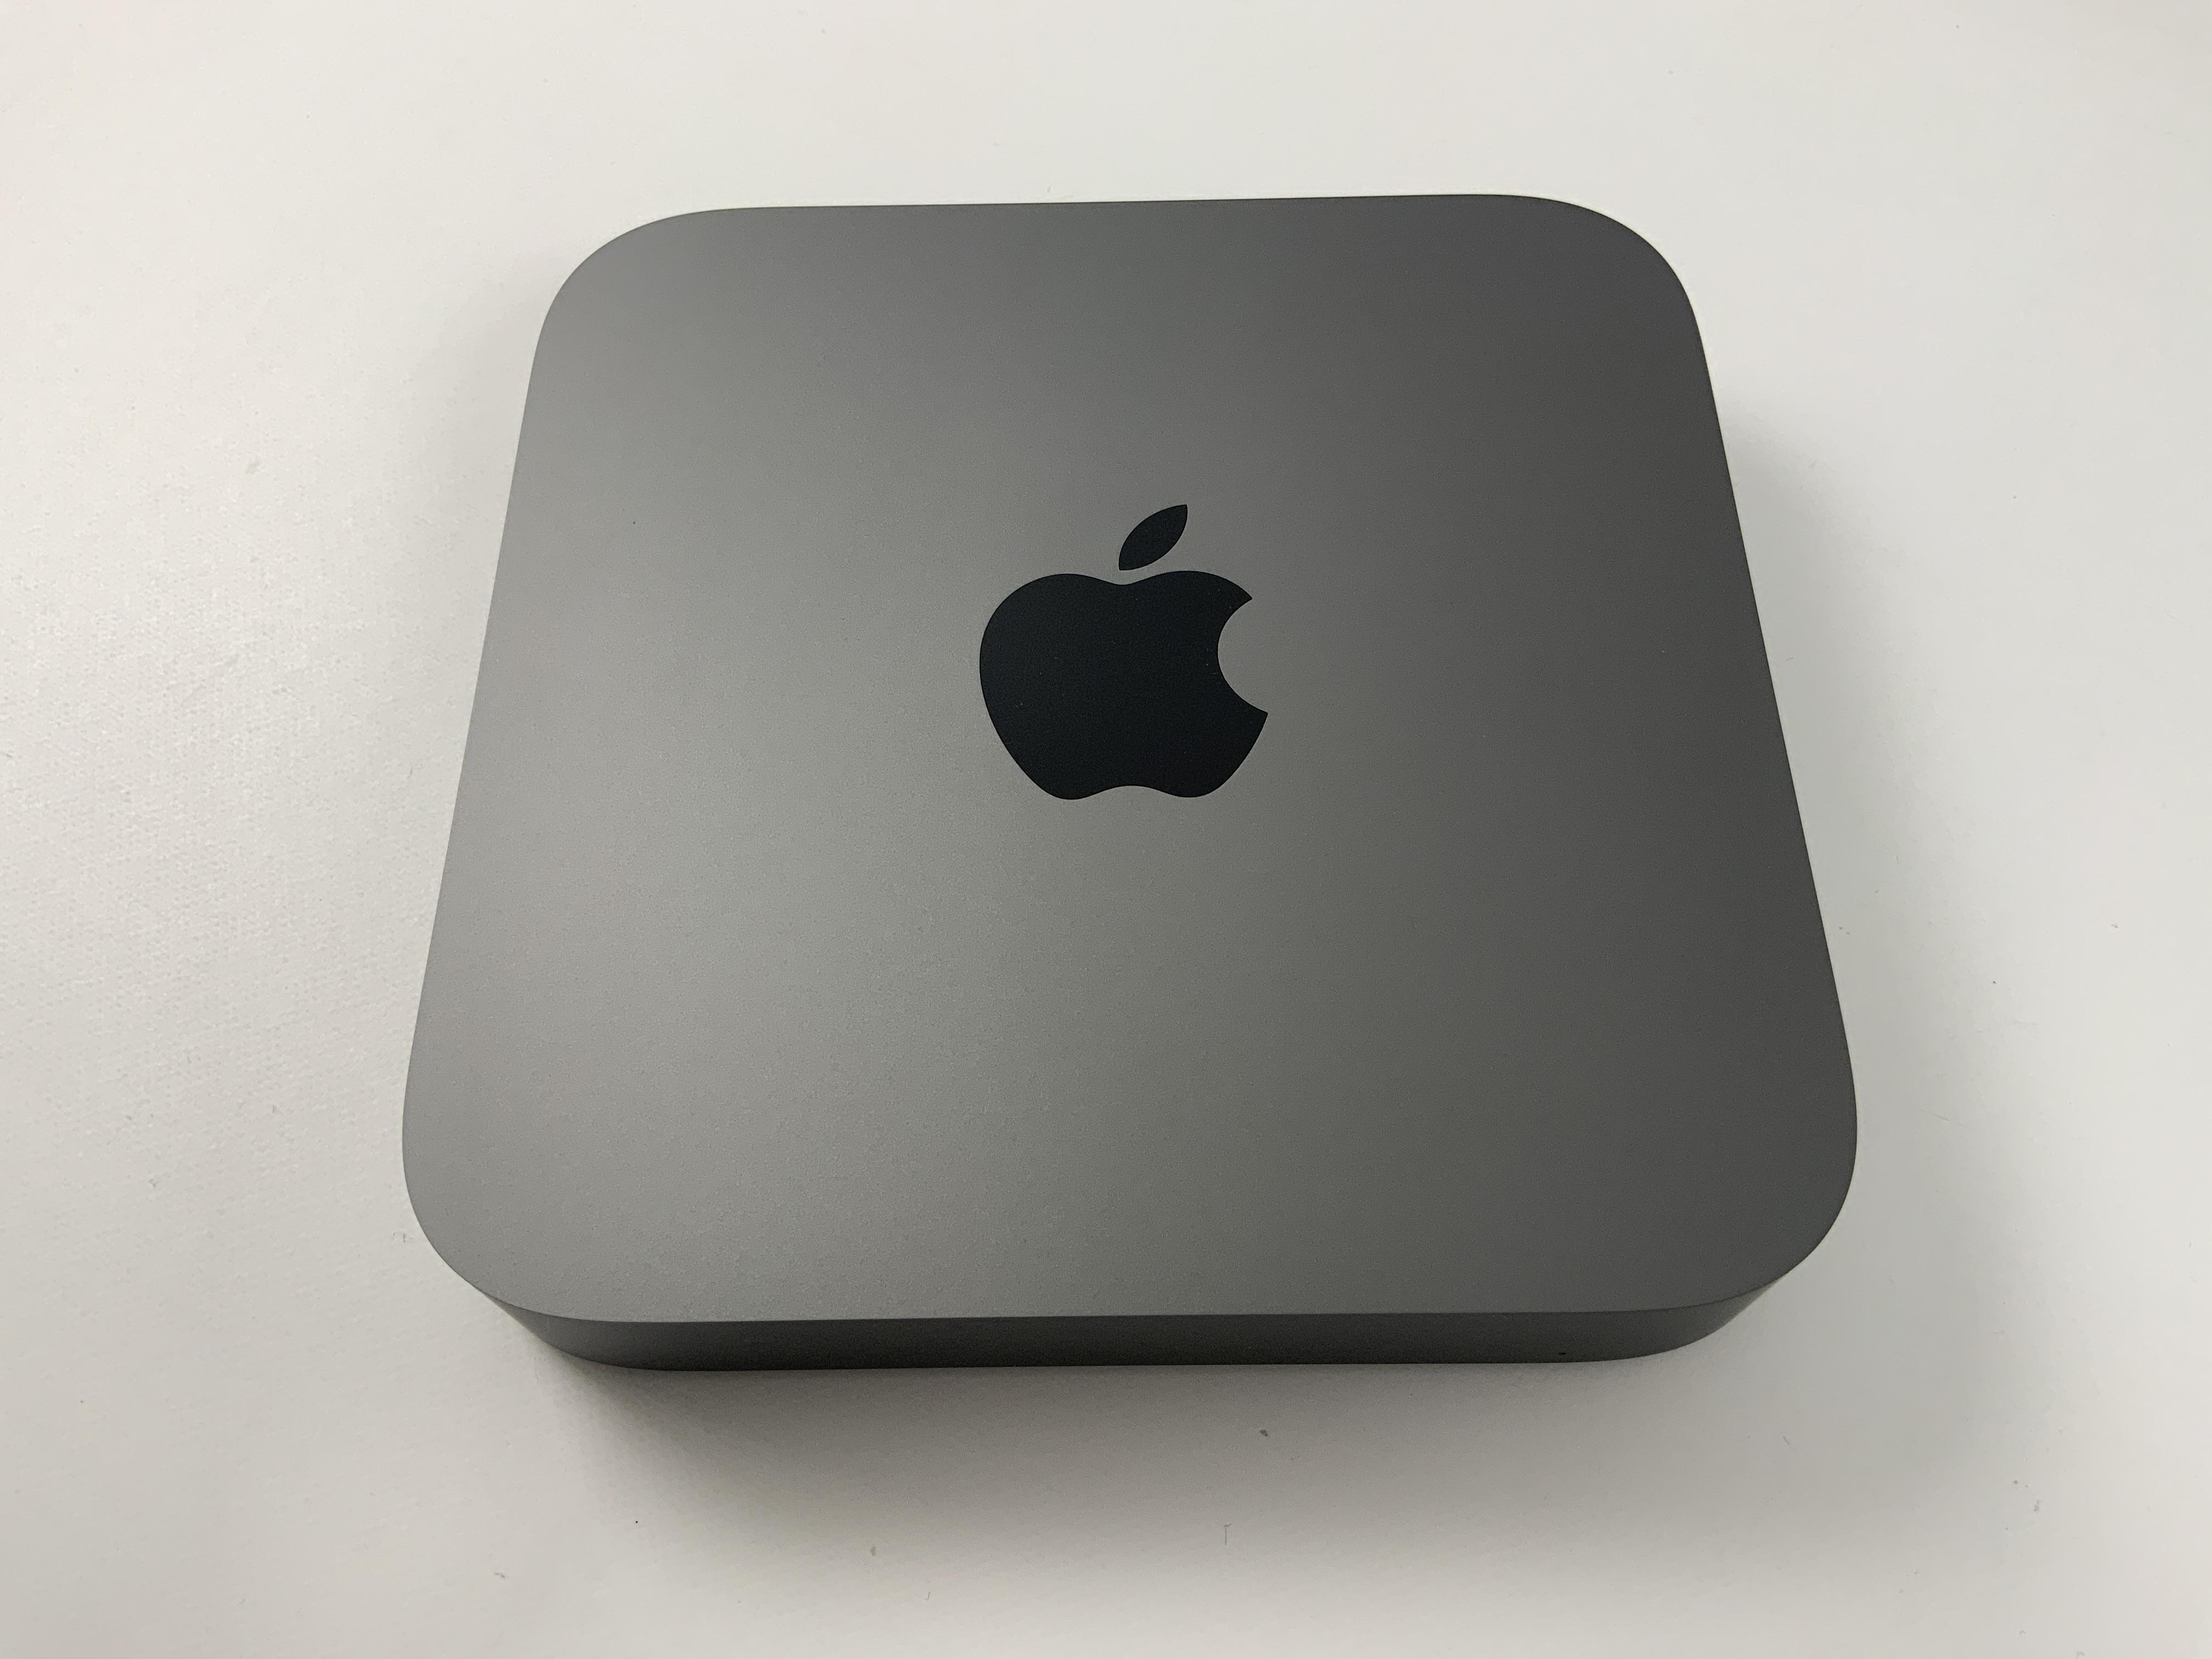 Mac Mini Late 2018 (Intel 6-Core i7 3.2 GHz 32 GB RAM 256 GB SSD), Intel 6-Core i7 3.2 GHz, 32 GB RAM, 256 GB SSD, image 1